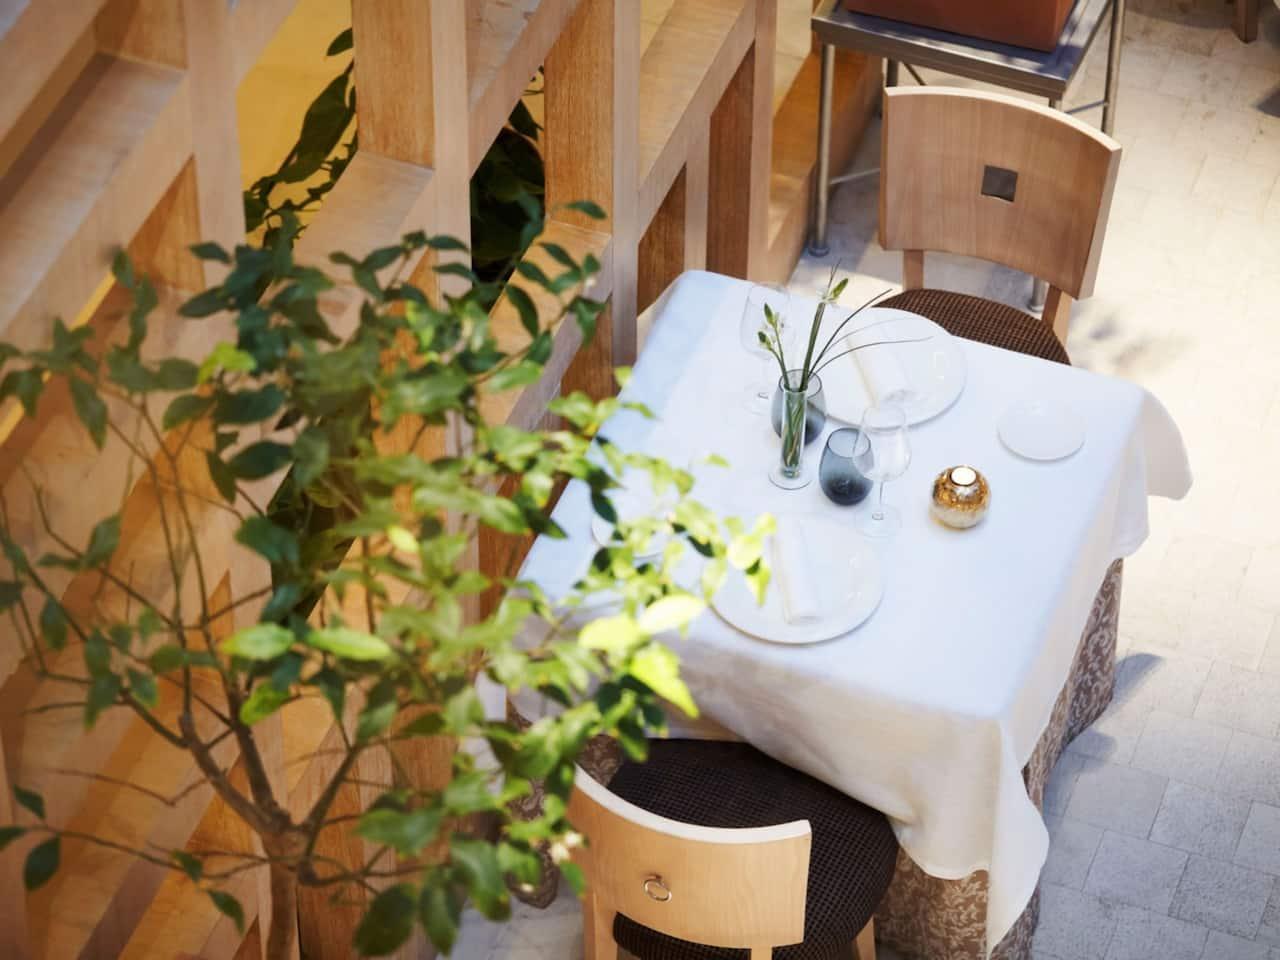 Hyatt Regency Hesperia Madrid Restaurante La Manzana